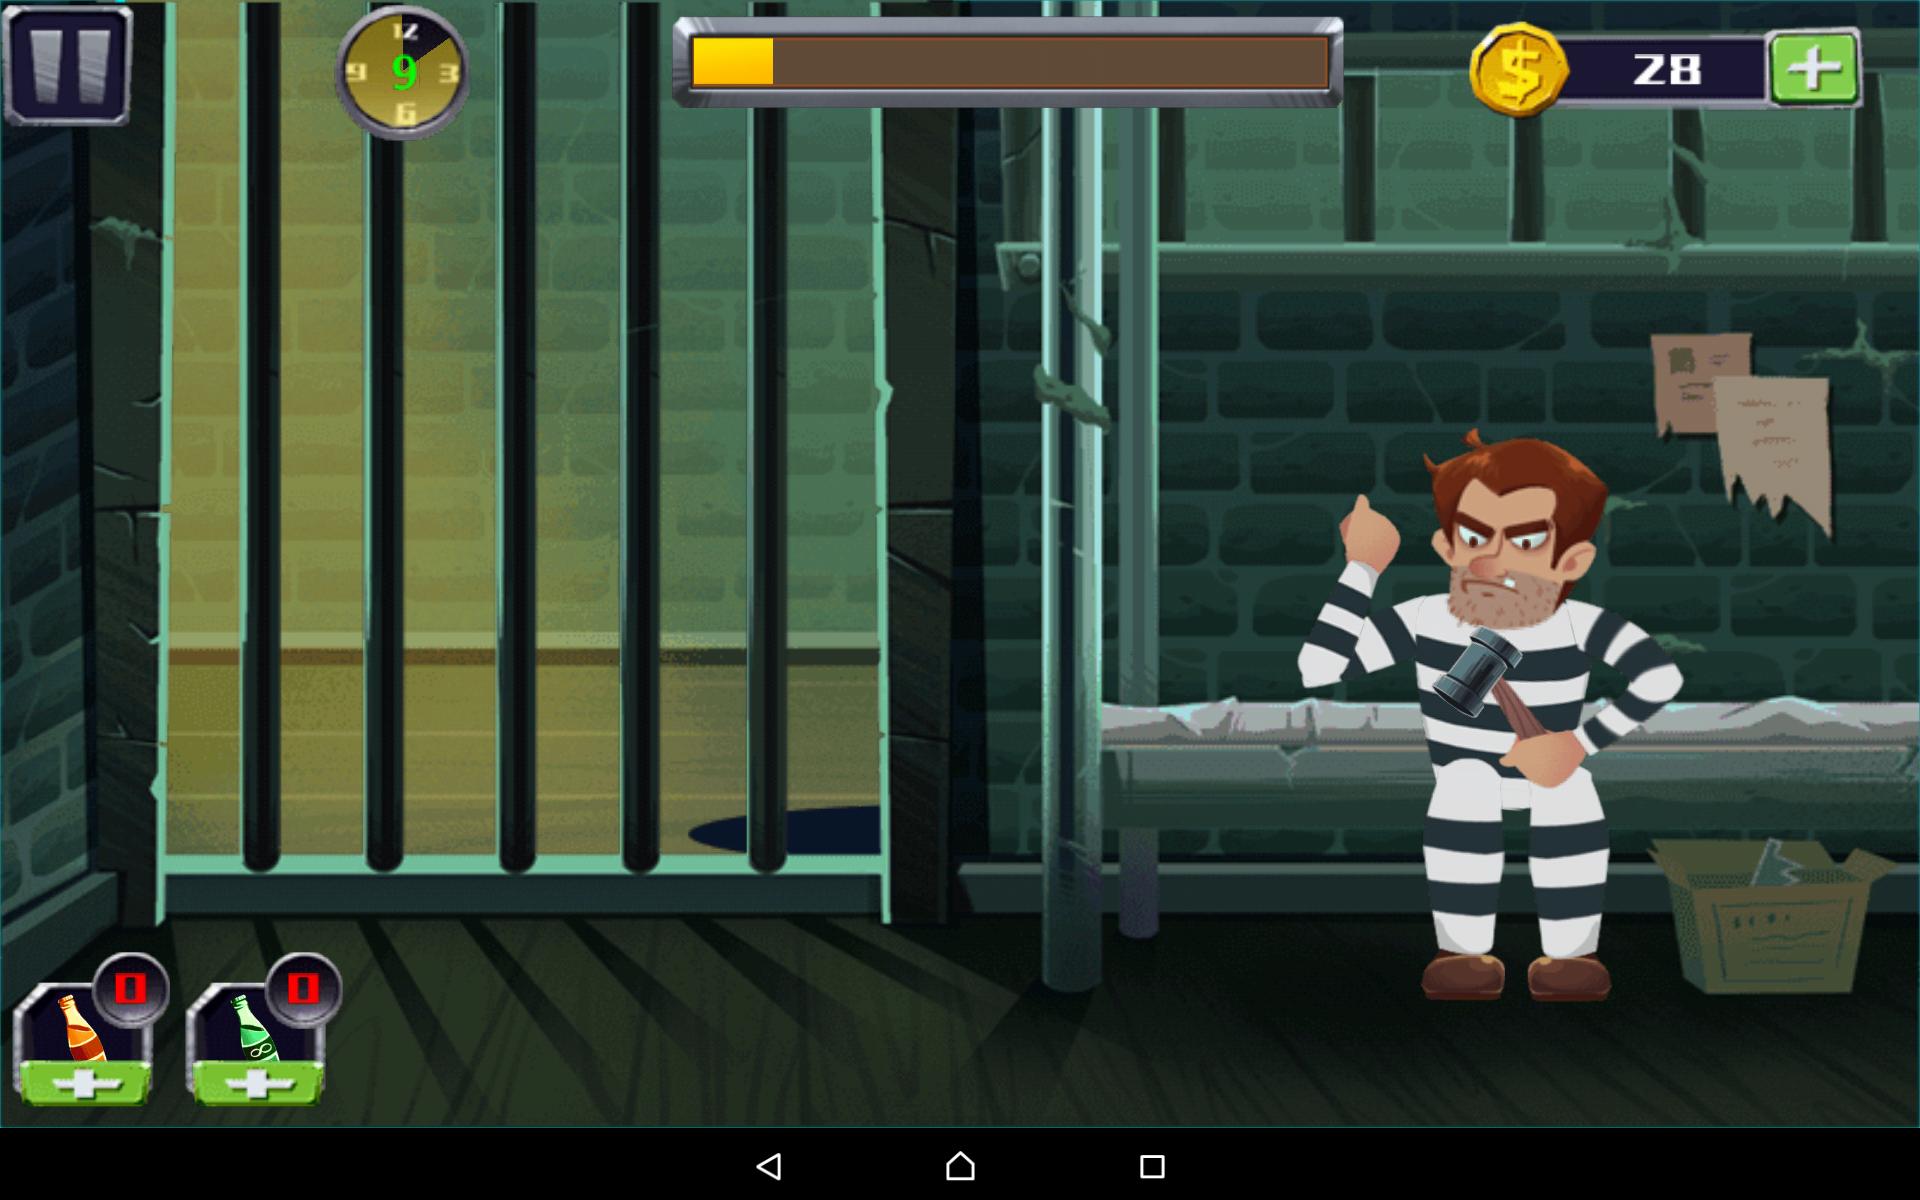 игра побег из тюрьмы игра скачать